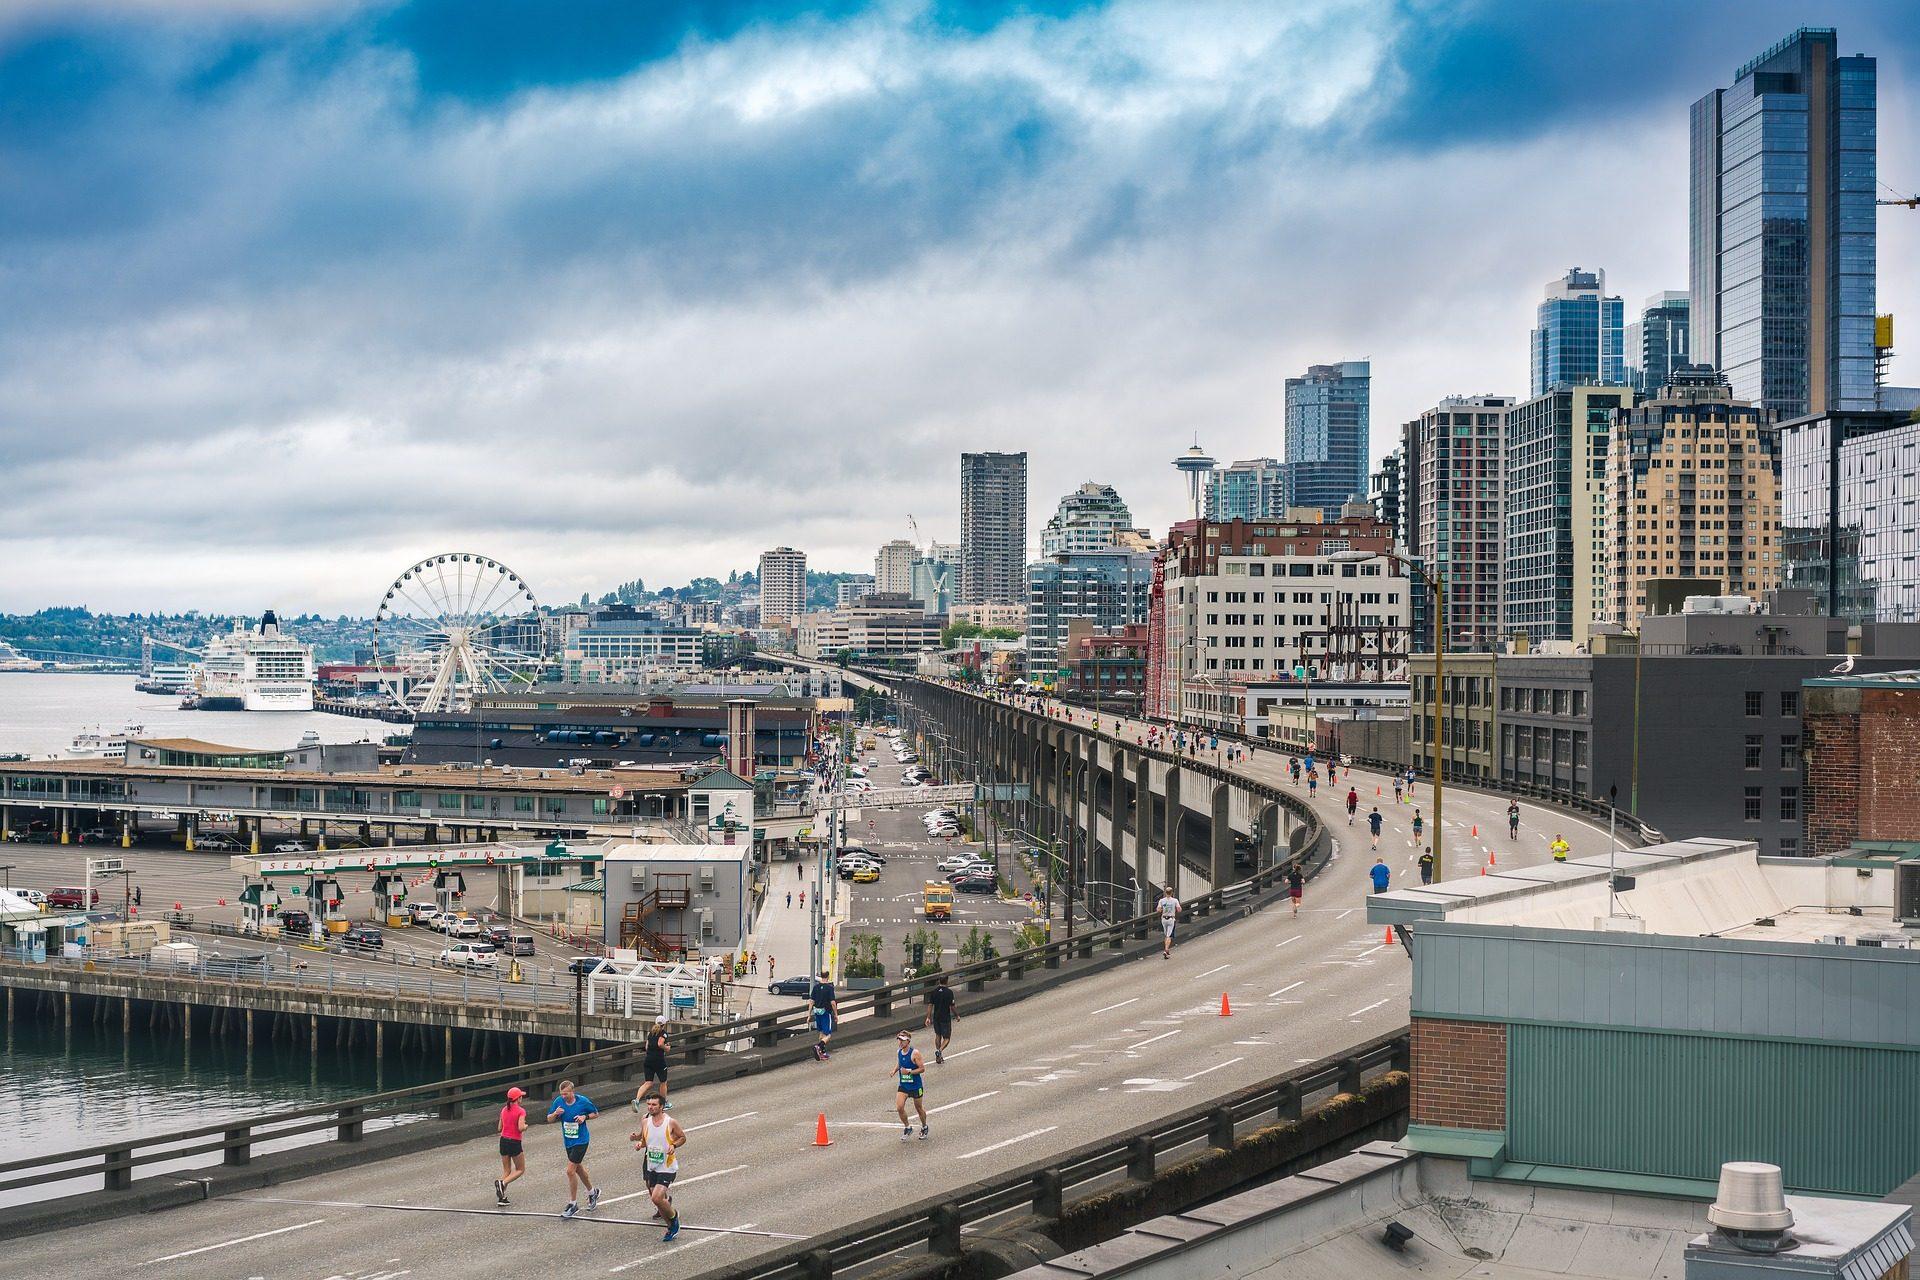 市, キャリア, マラソン, ブローカー, 建物, シアトル - HD の壁紙 - 教授-falken.com